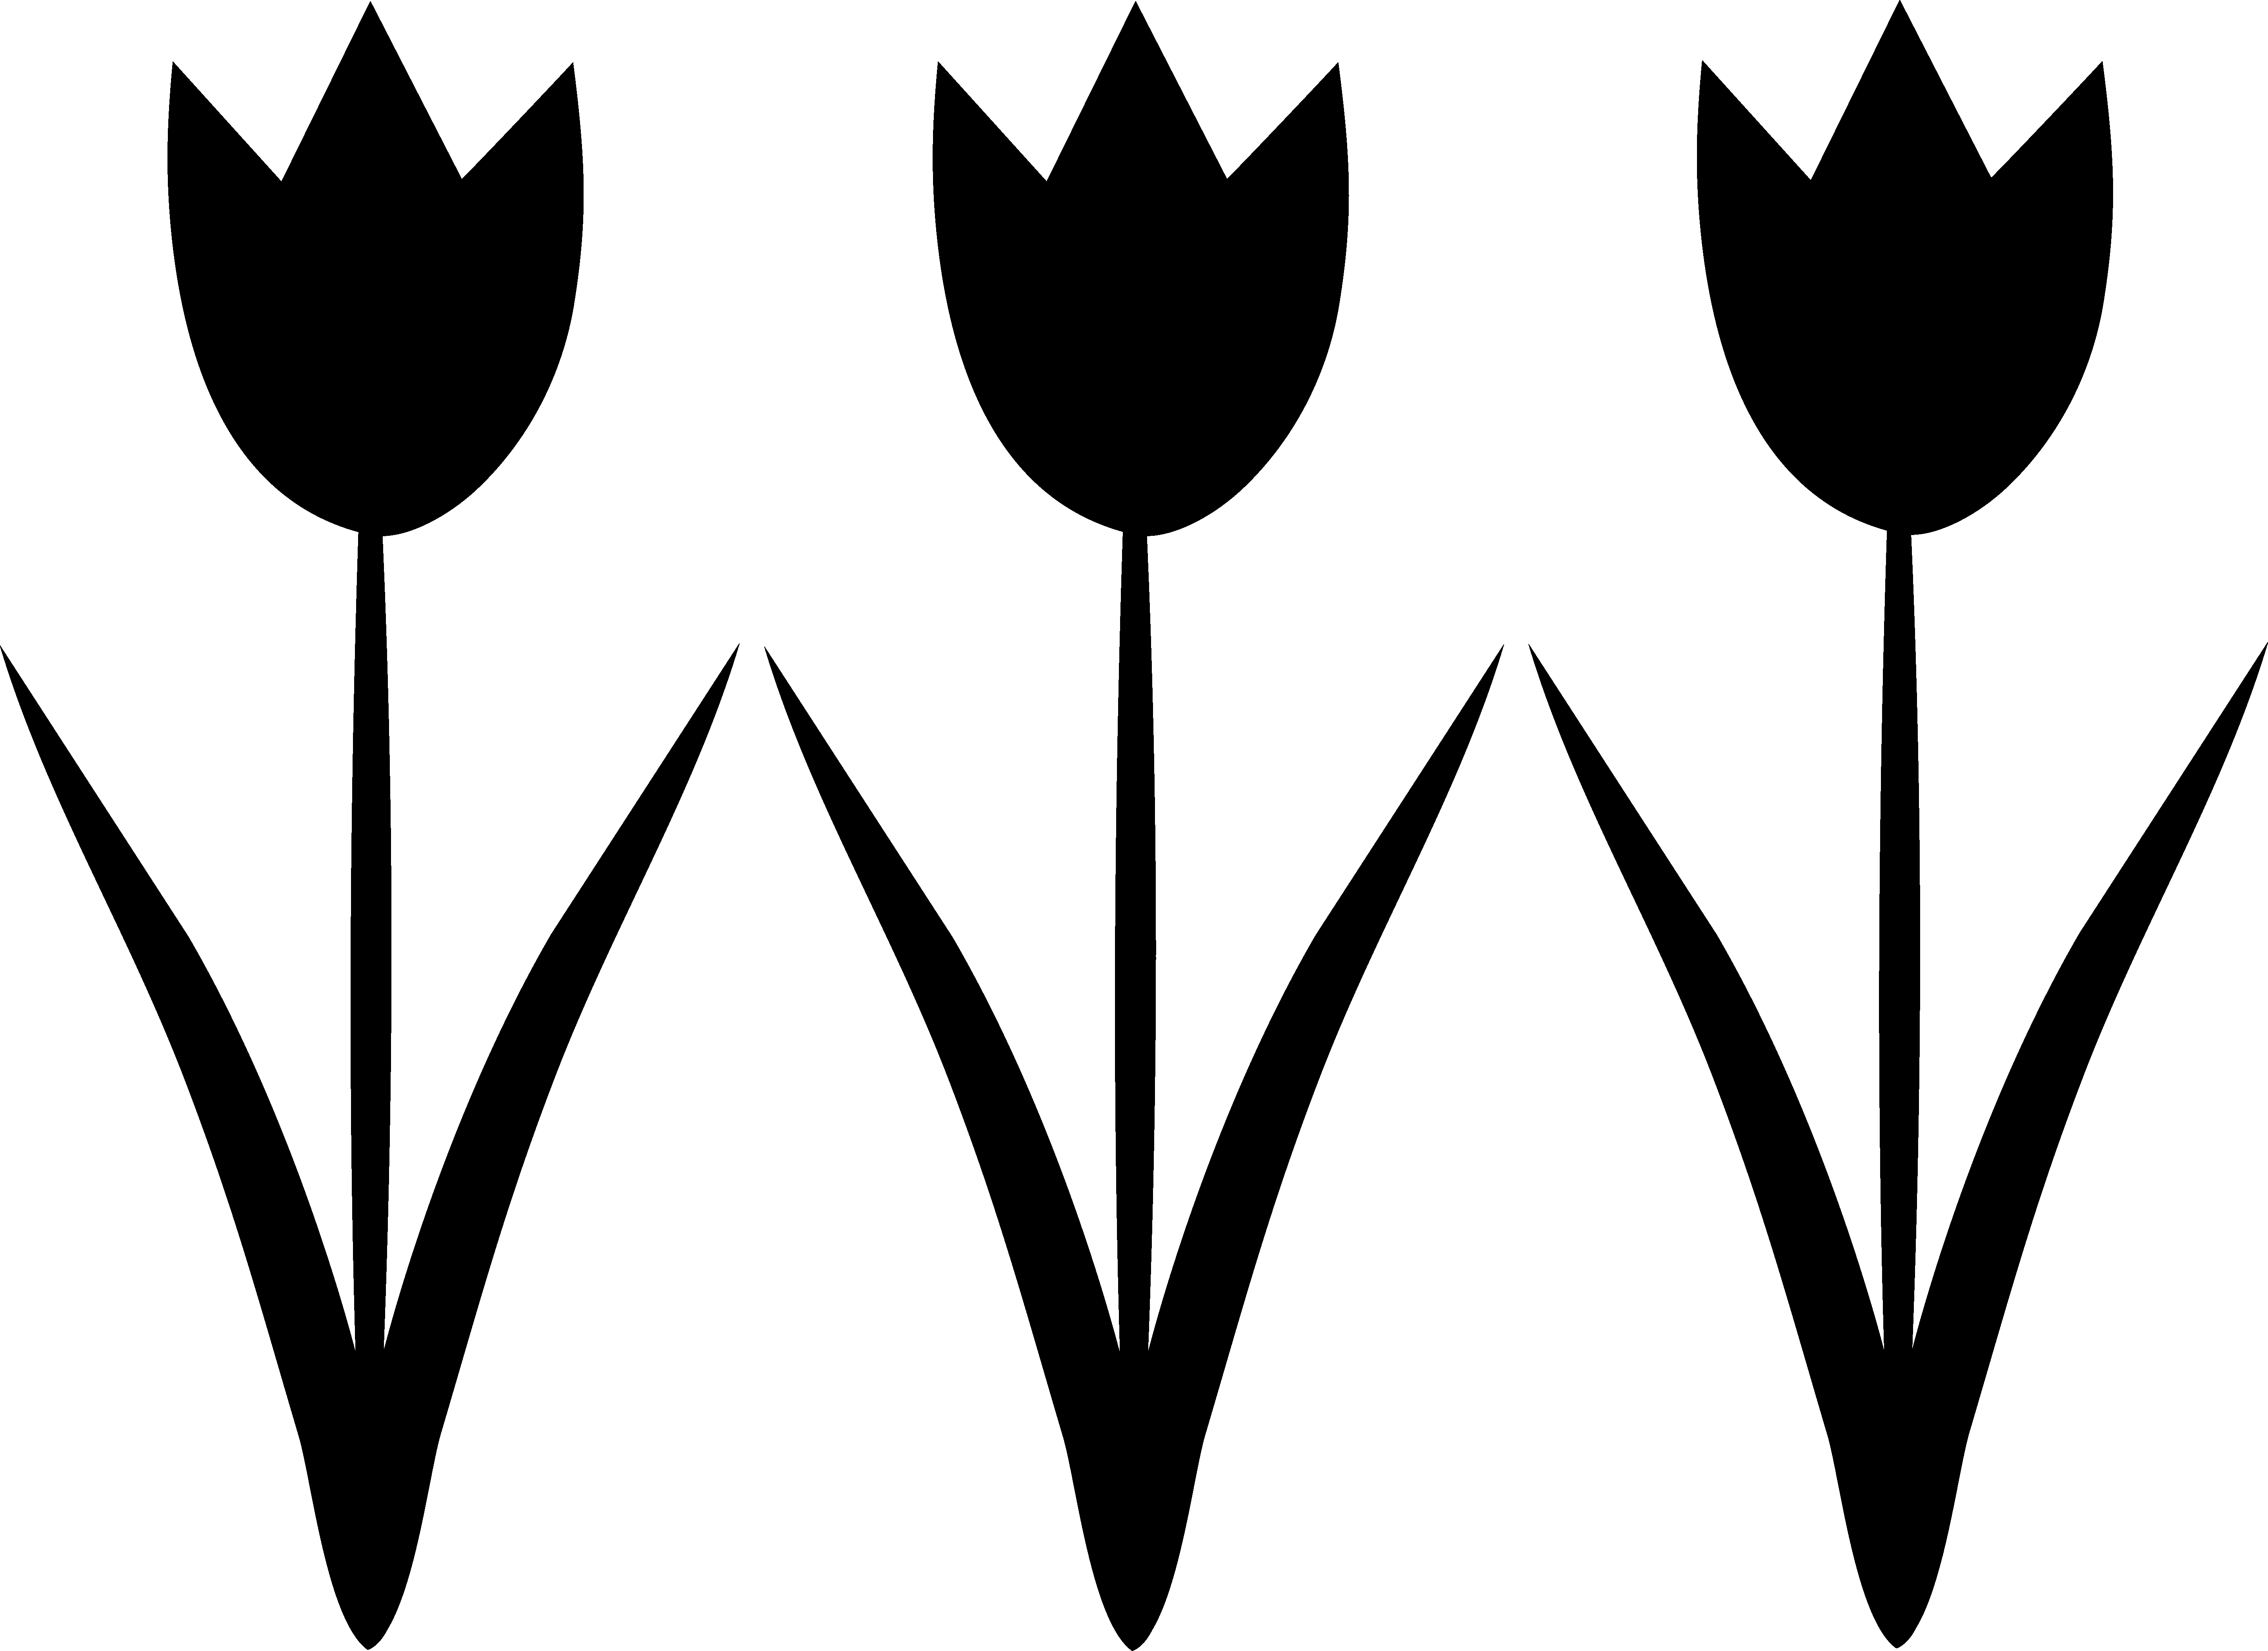 5783x4209 Bouquet Cliparts Silhouette 183461